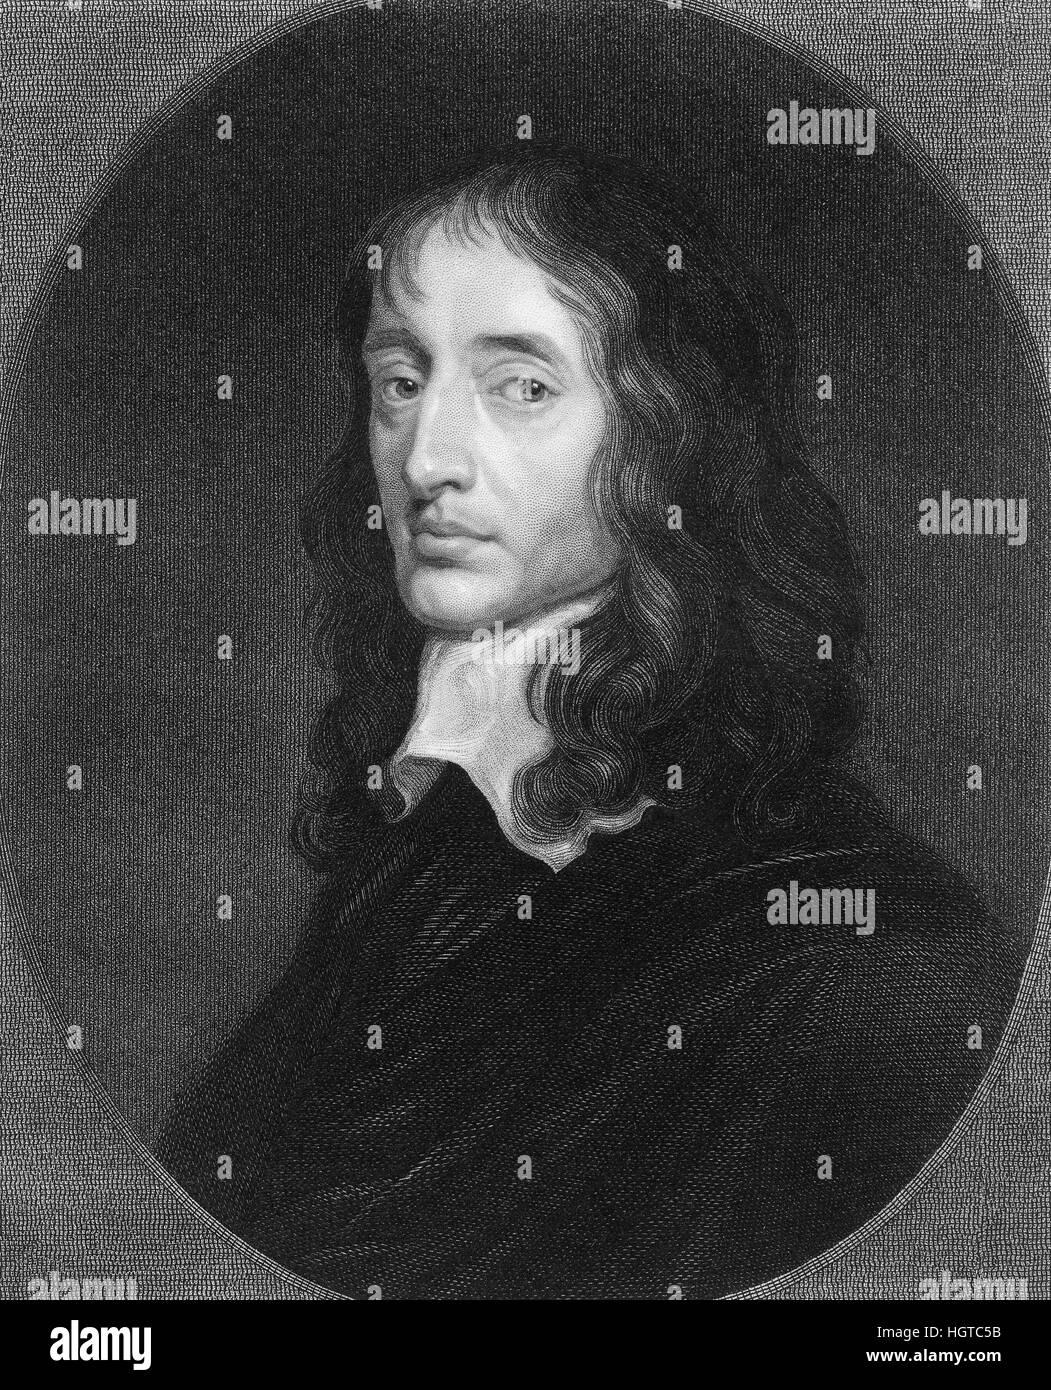 John Selden, 1584-1654, an English jurist, scholar and polymath, John Selden, 1584-1654, ein englischer Universalgelehrter - Stock Image